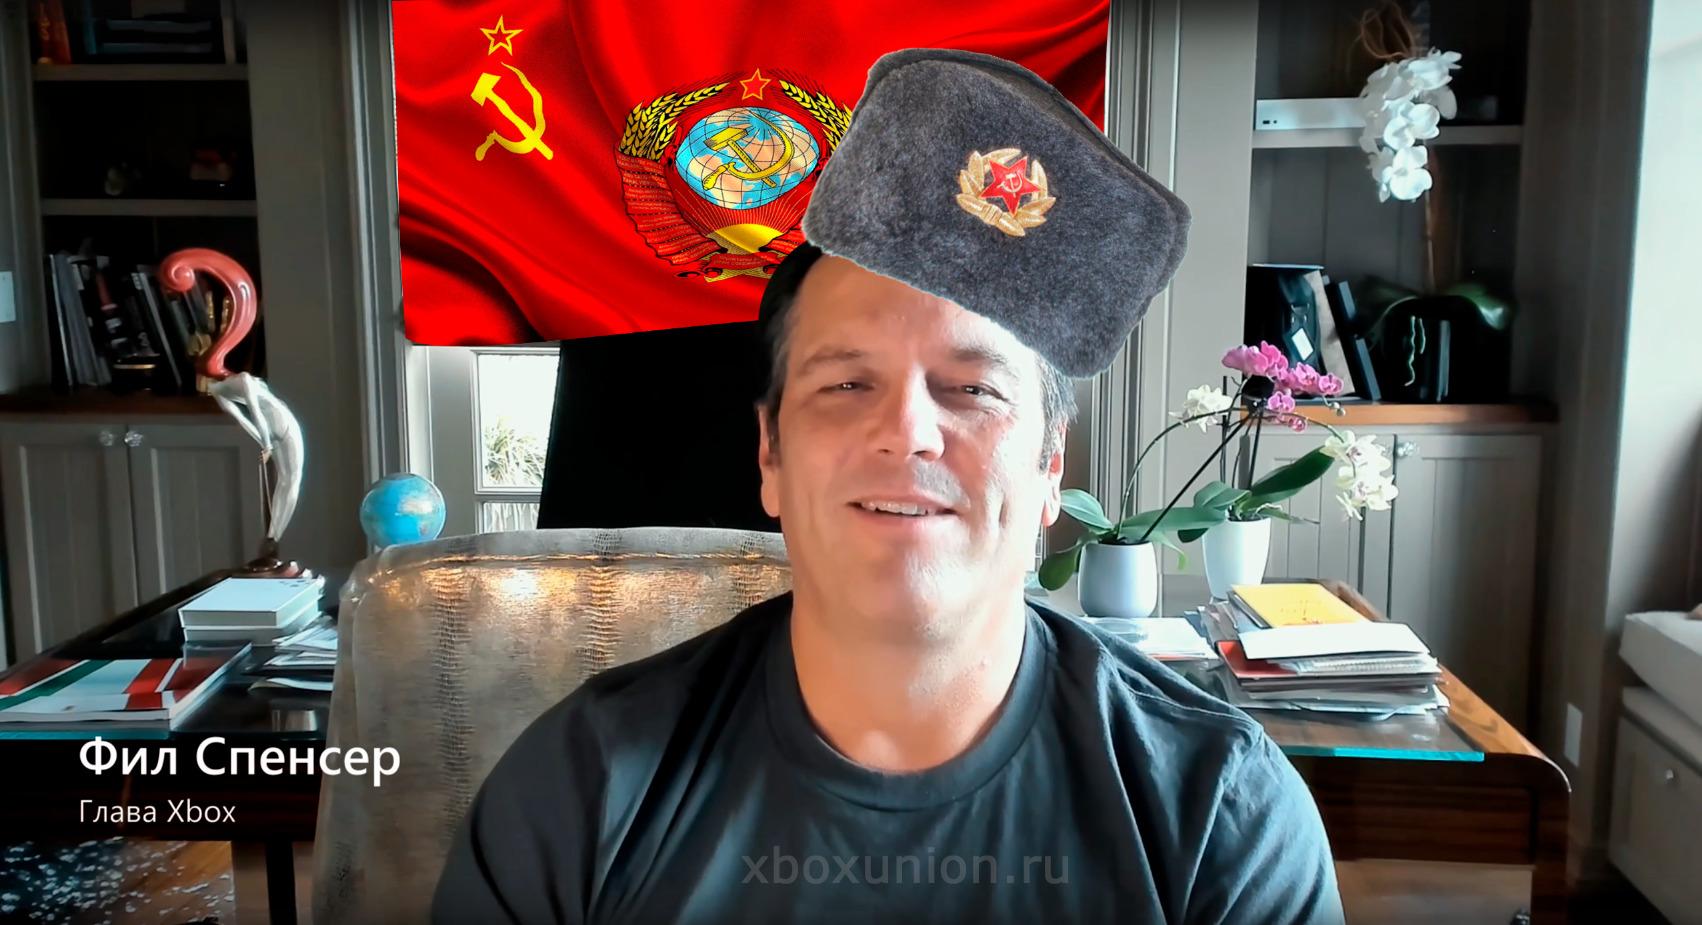 Fil-Spenser-zagovoril-po-russki.jpg